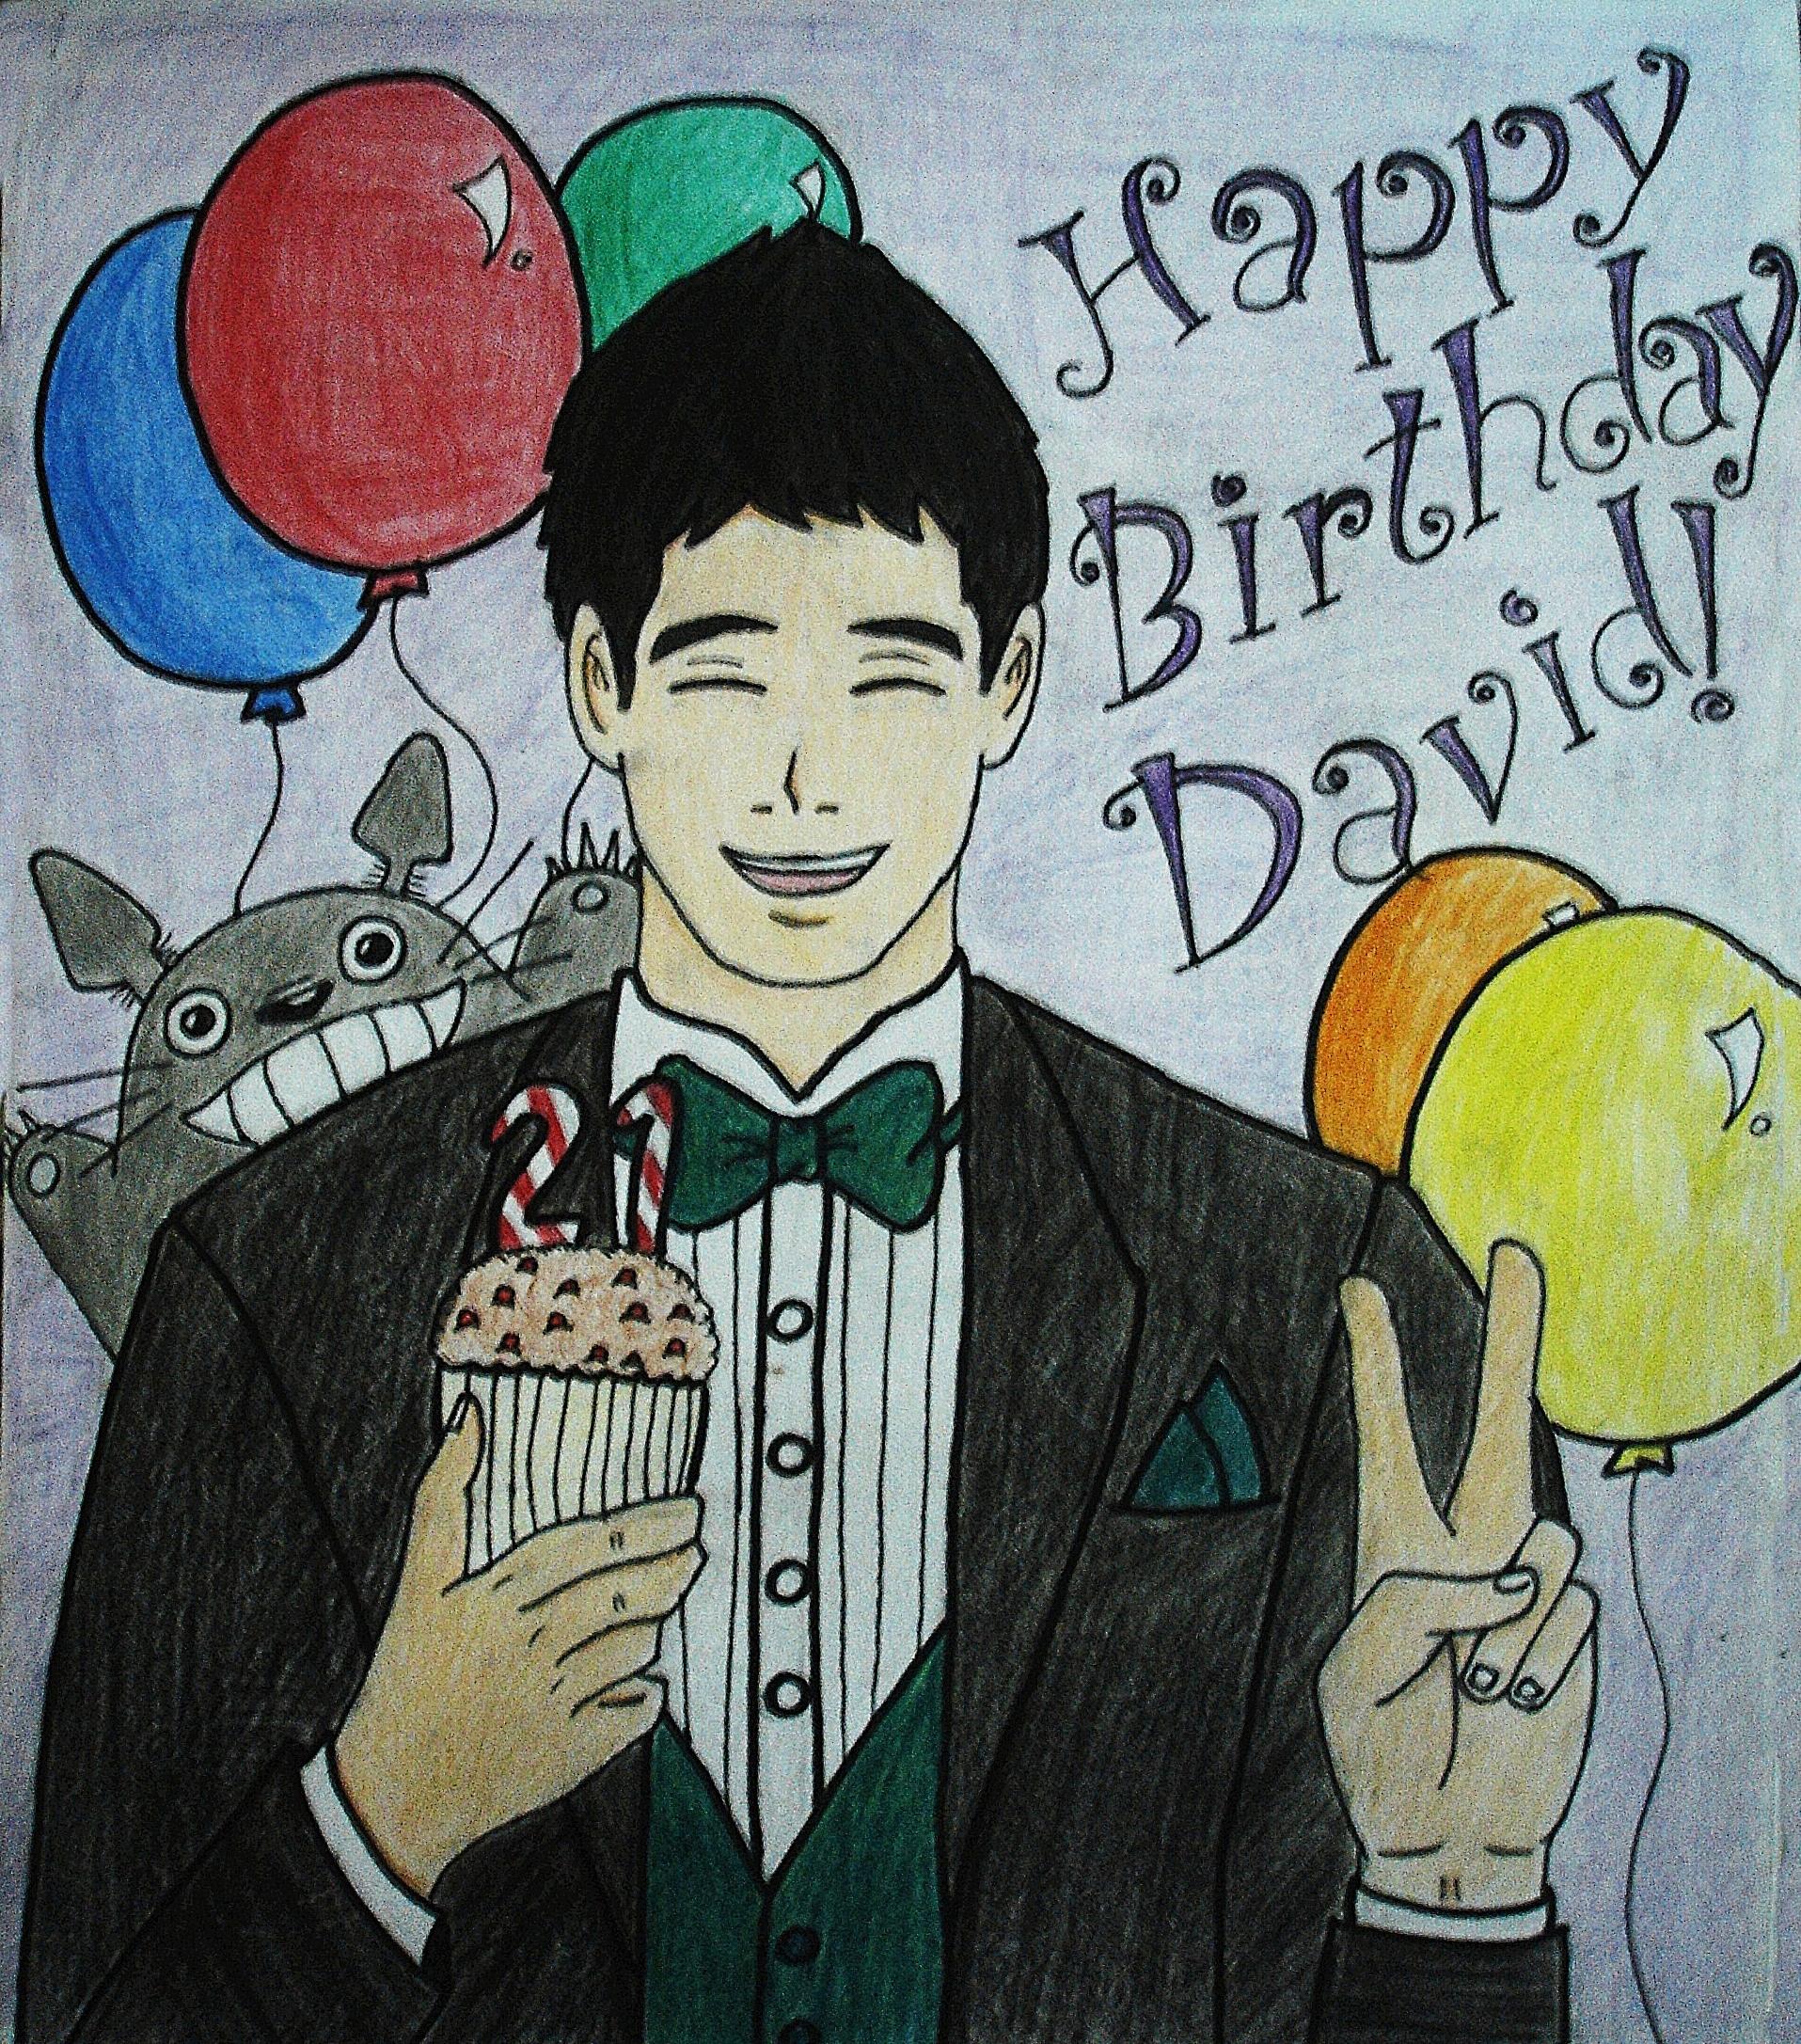 David Archuleta Turns 21!! Happy Birthday David! Birthday